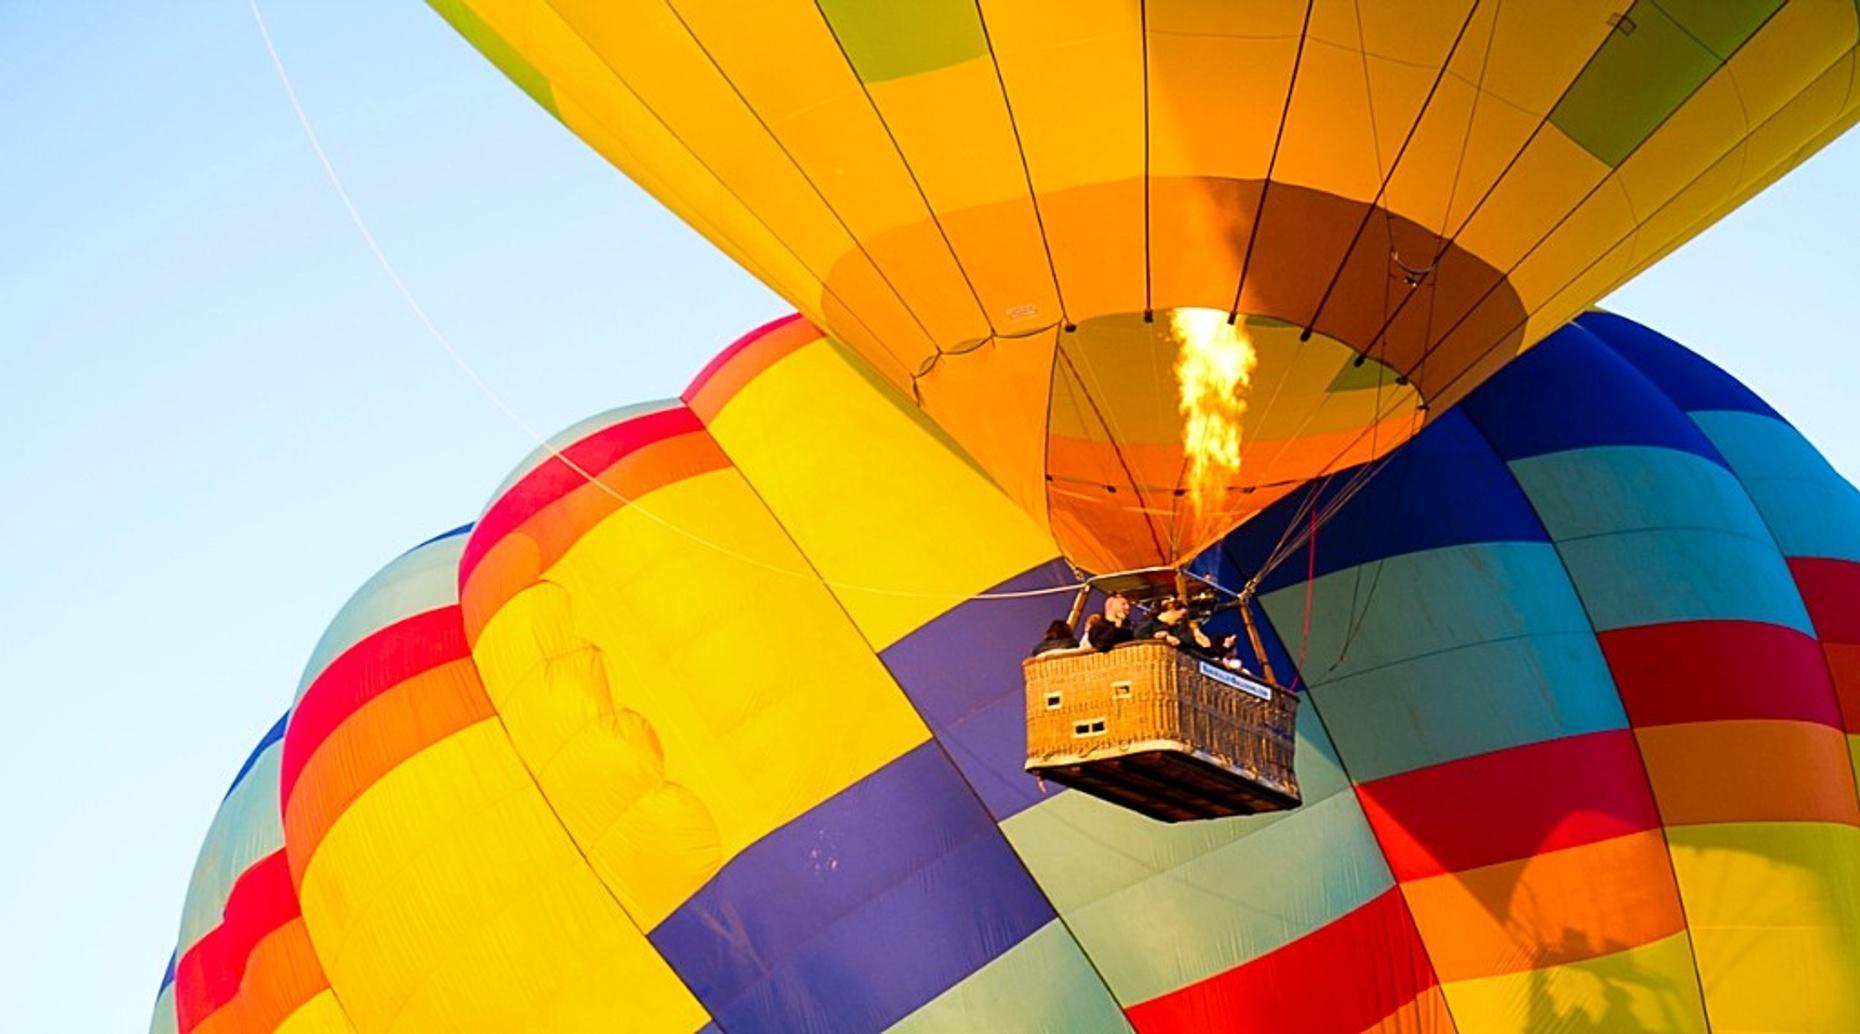 Rio Grande Sunrise Hot Air Balloon Ride